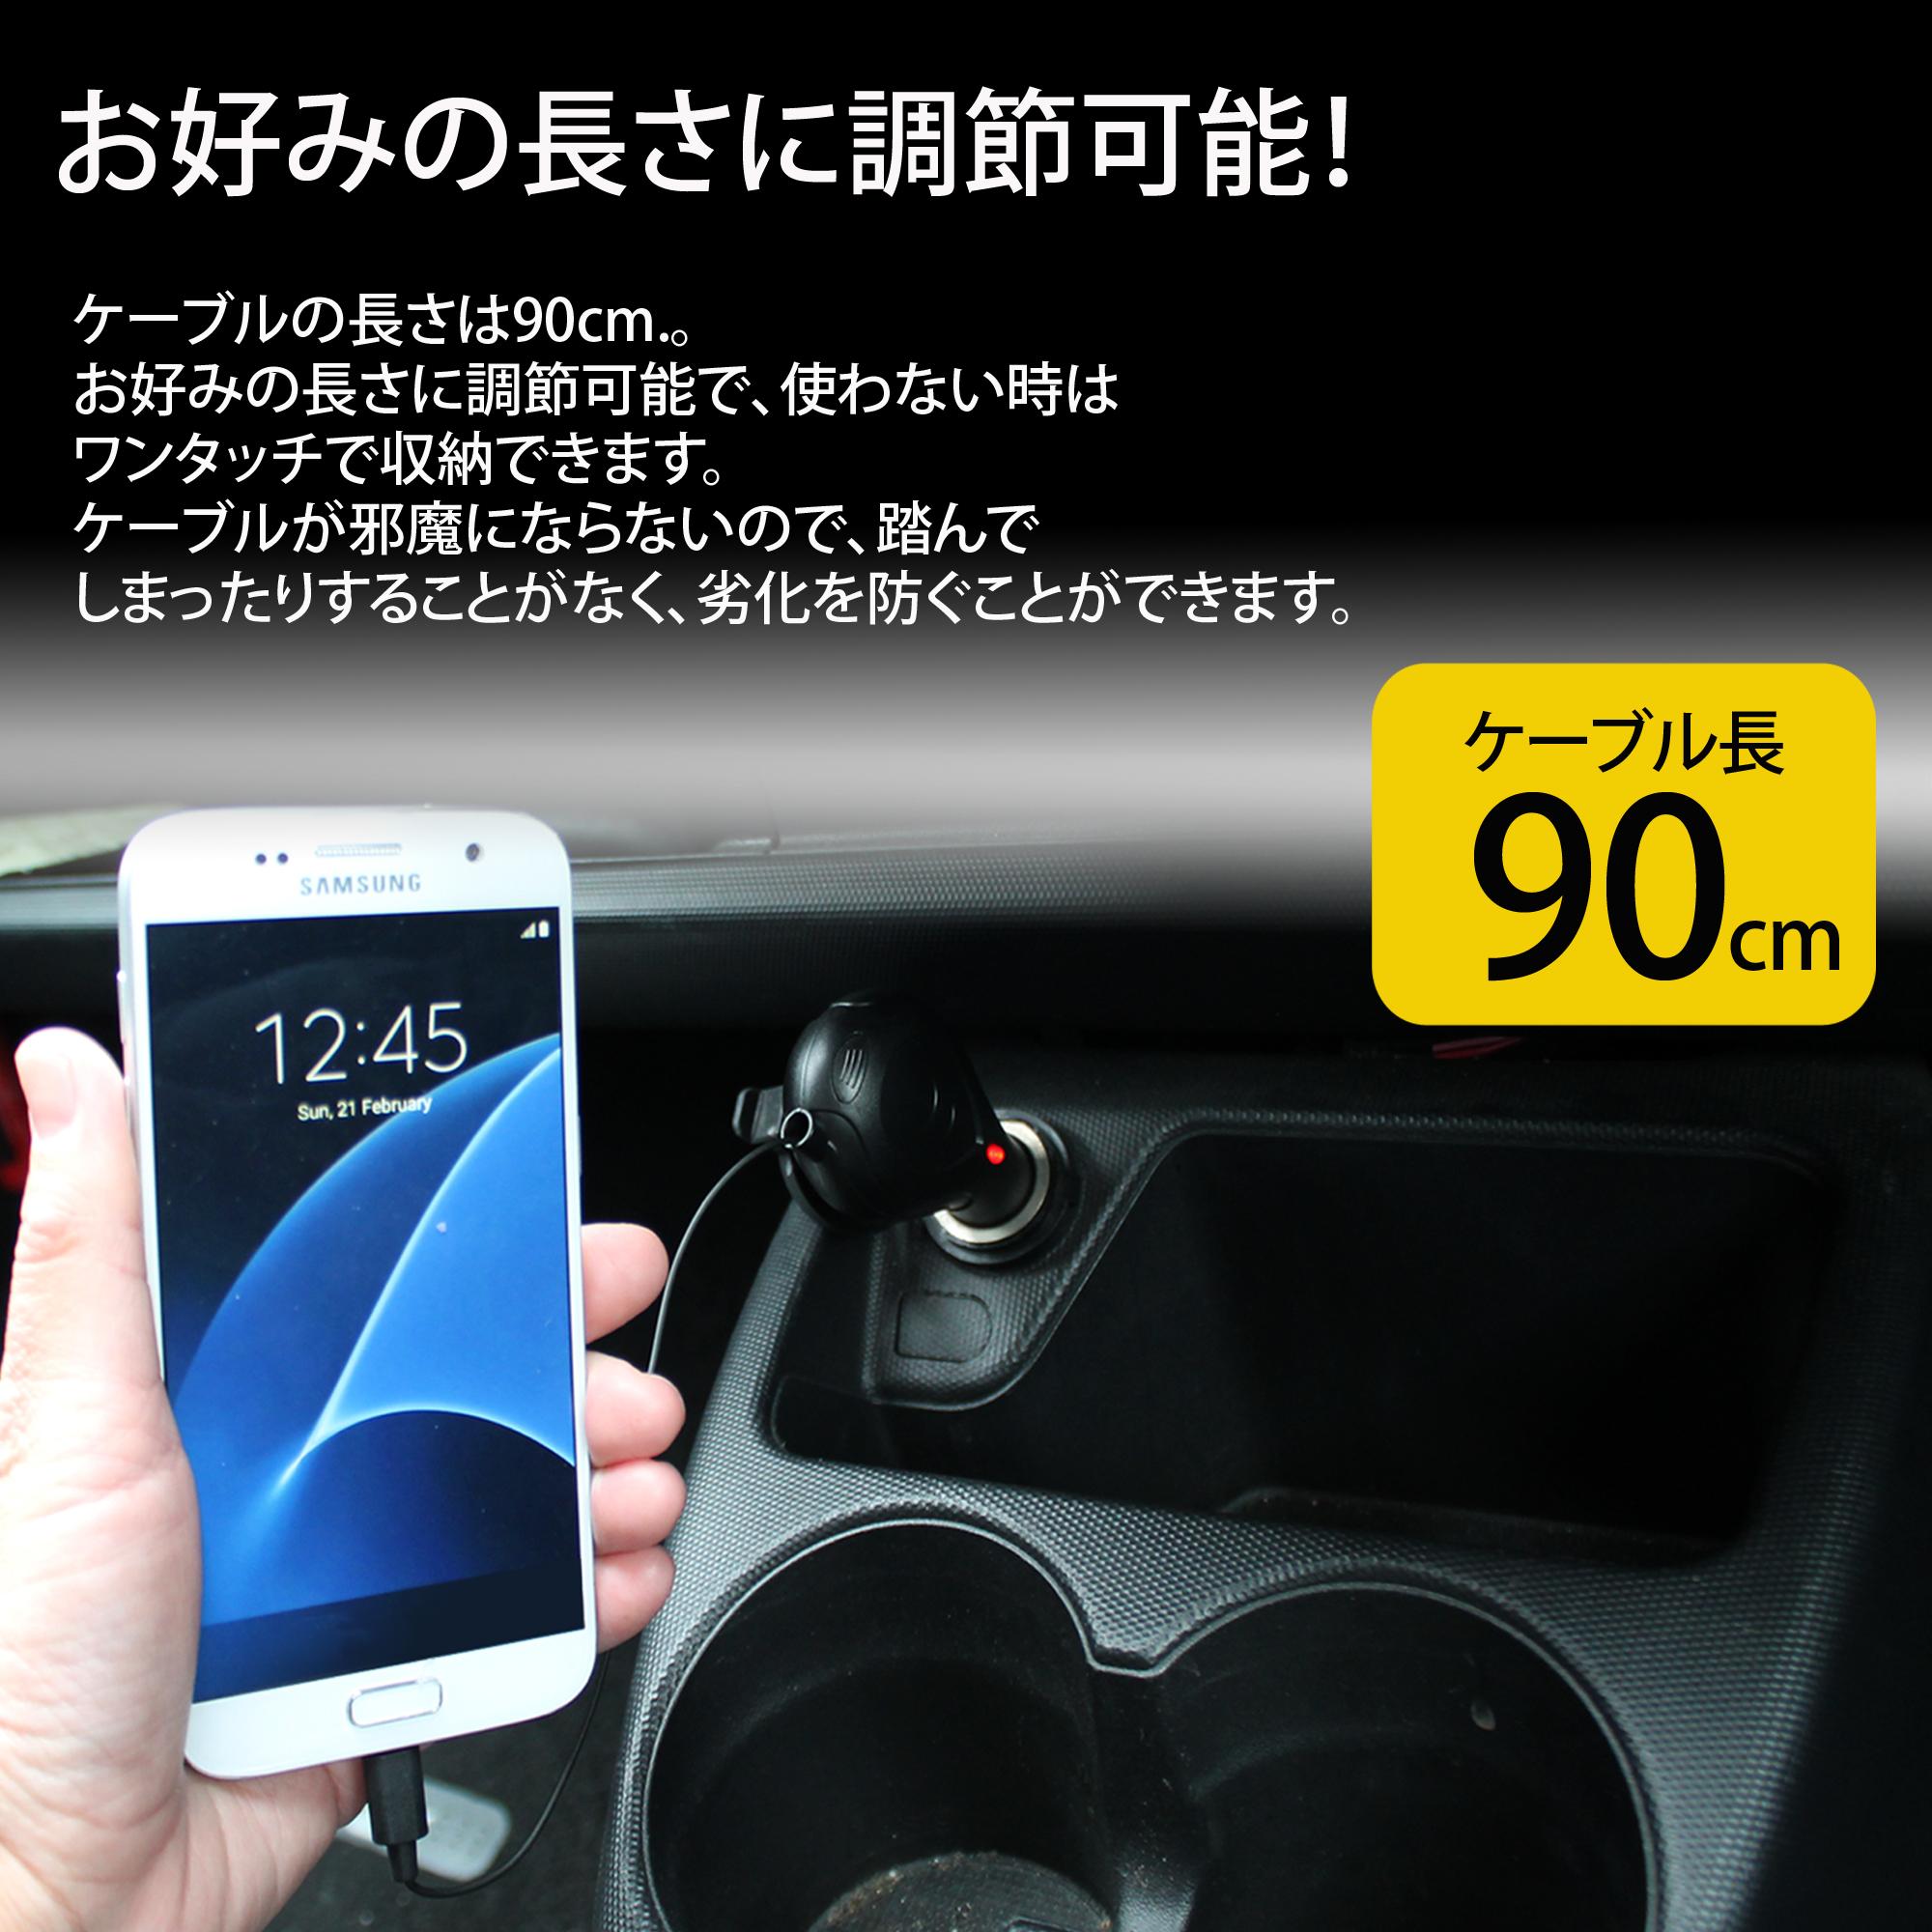 【送料無料】 カーシガー DCアダプター DC SPOOL microUSB USBポート リール スプール 充電器 充電機 APPLE アップル アイフォン アイホン DR950B